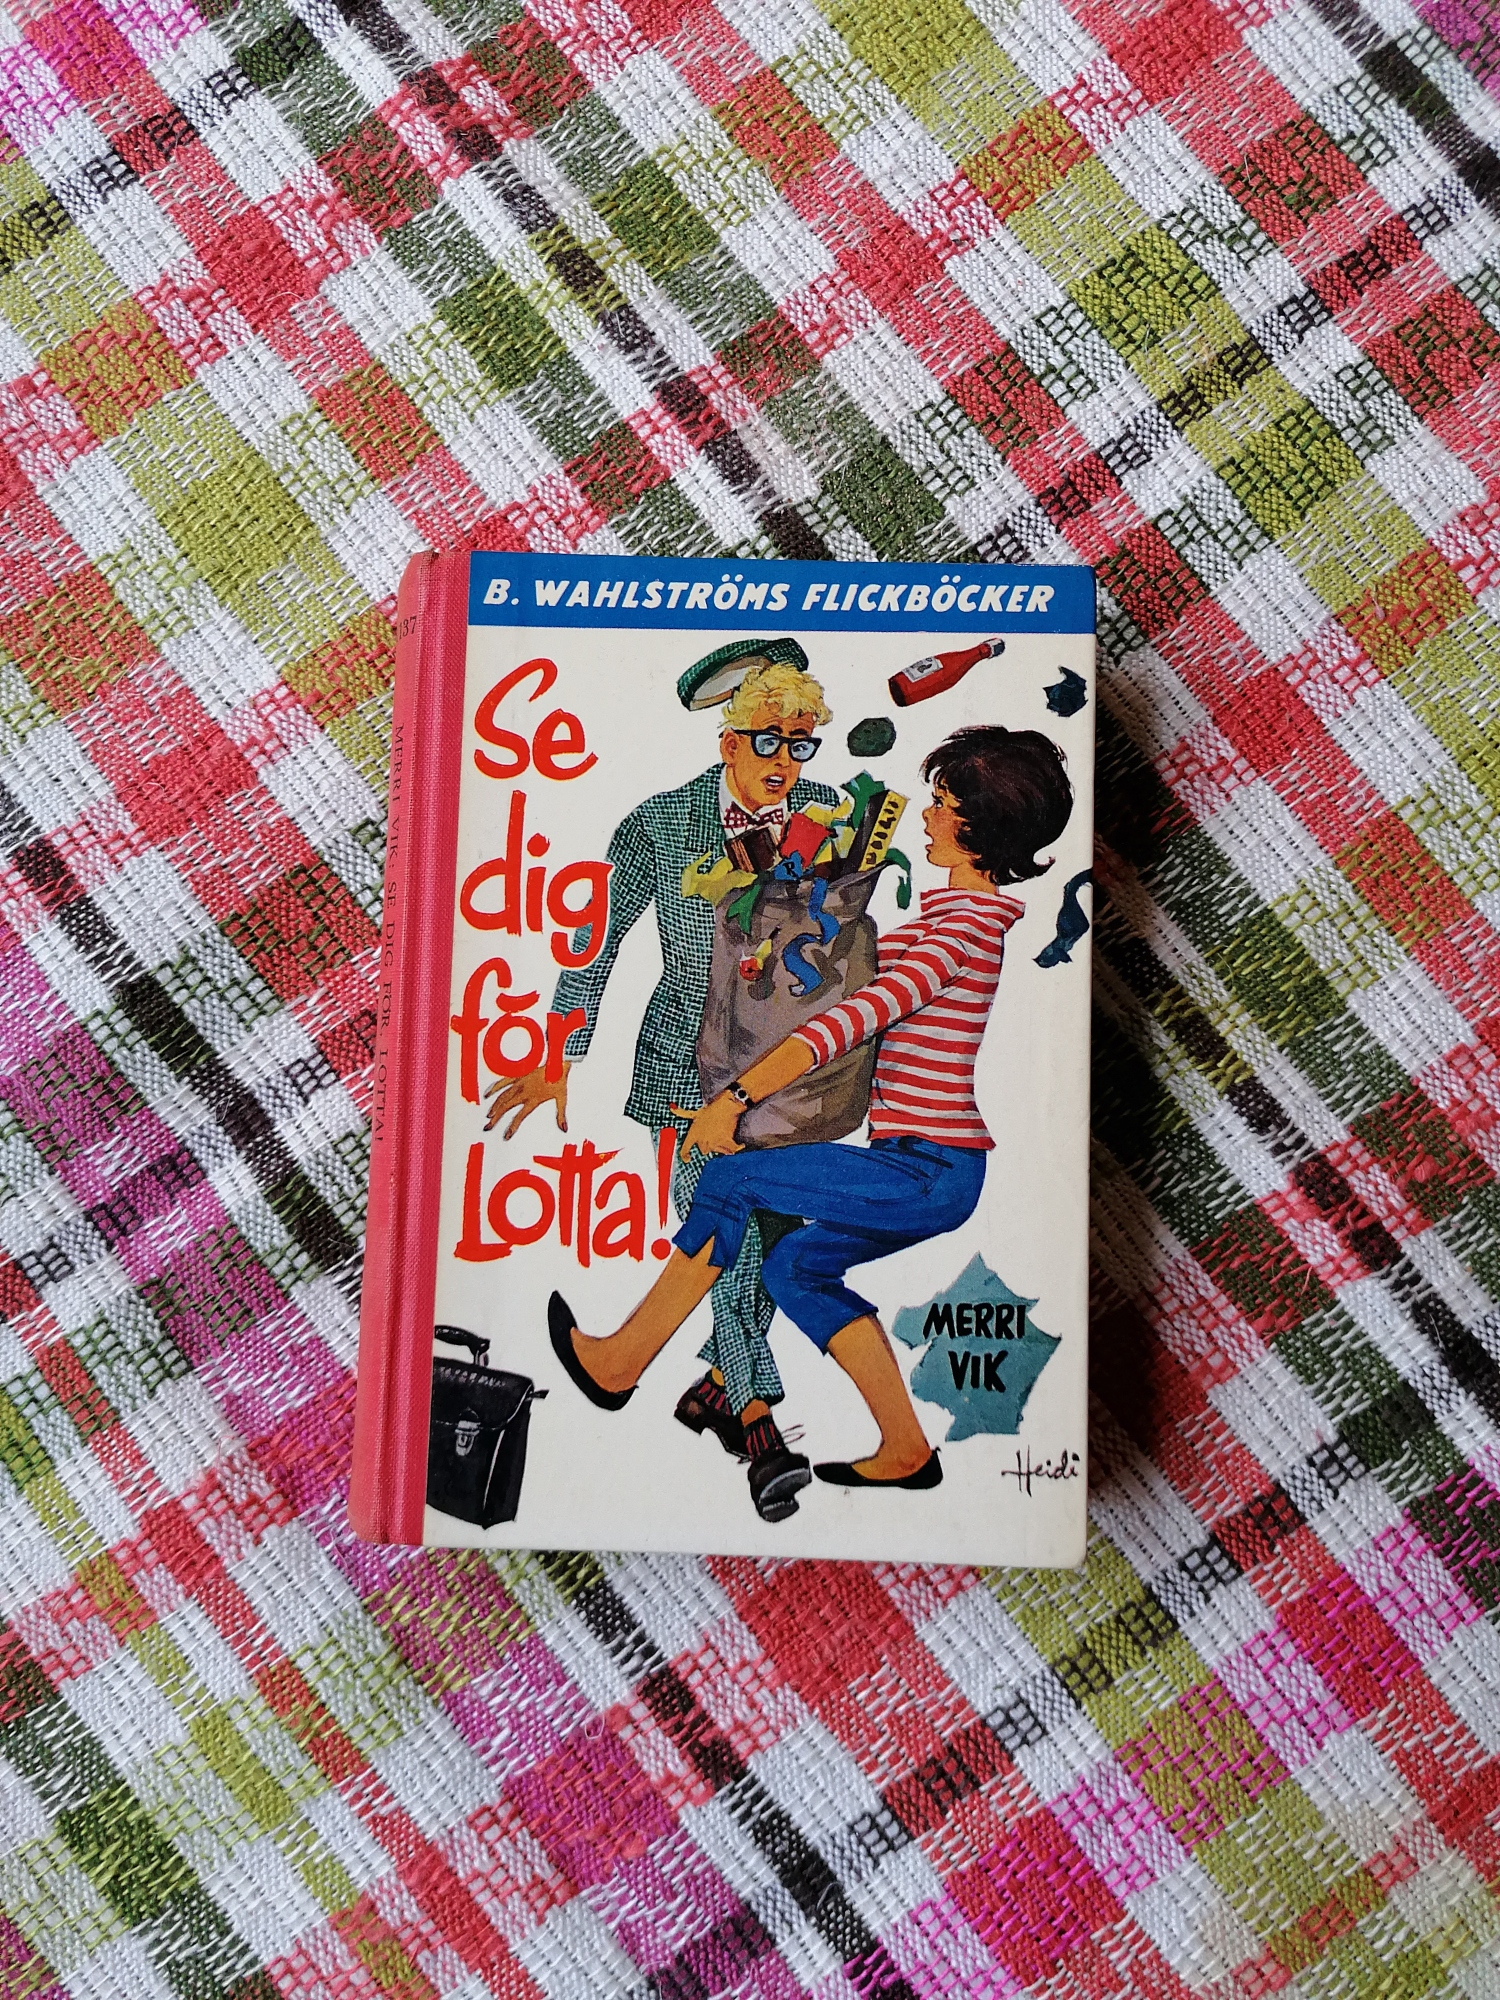 Se dig för Lotta! av Merri Vik  1963